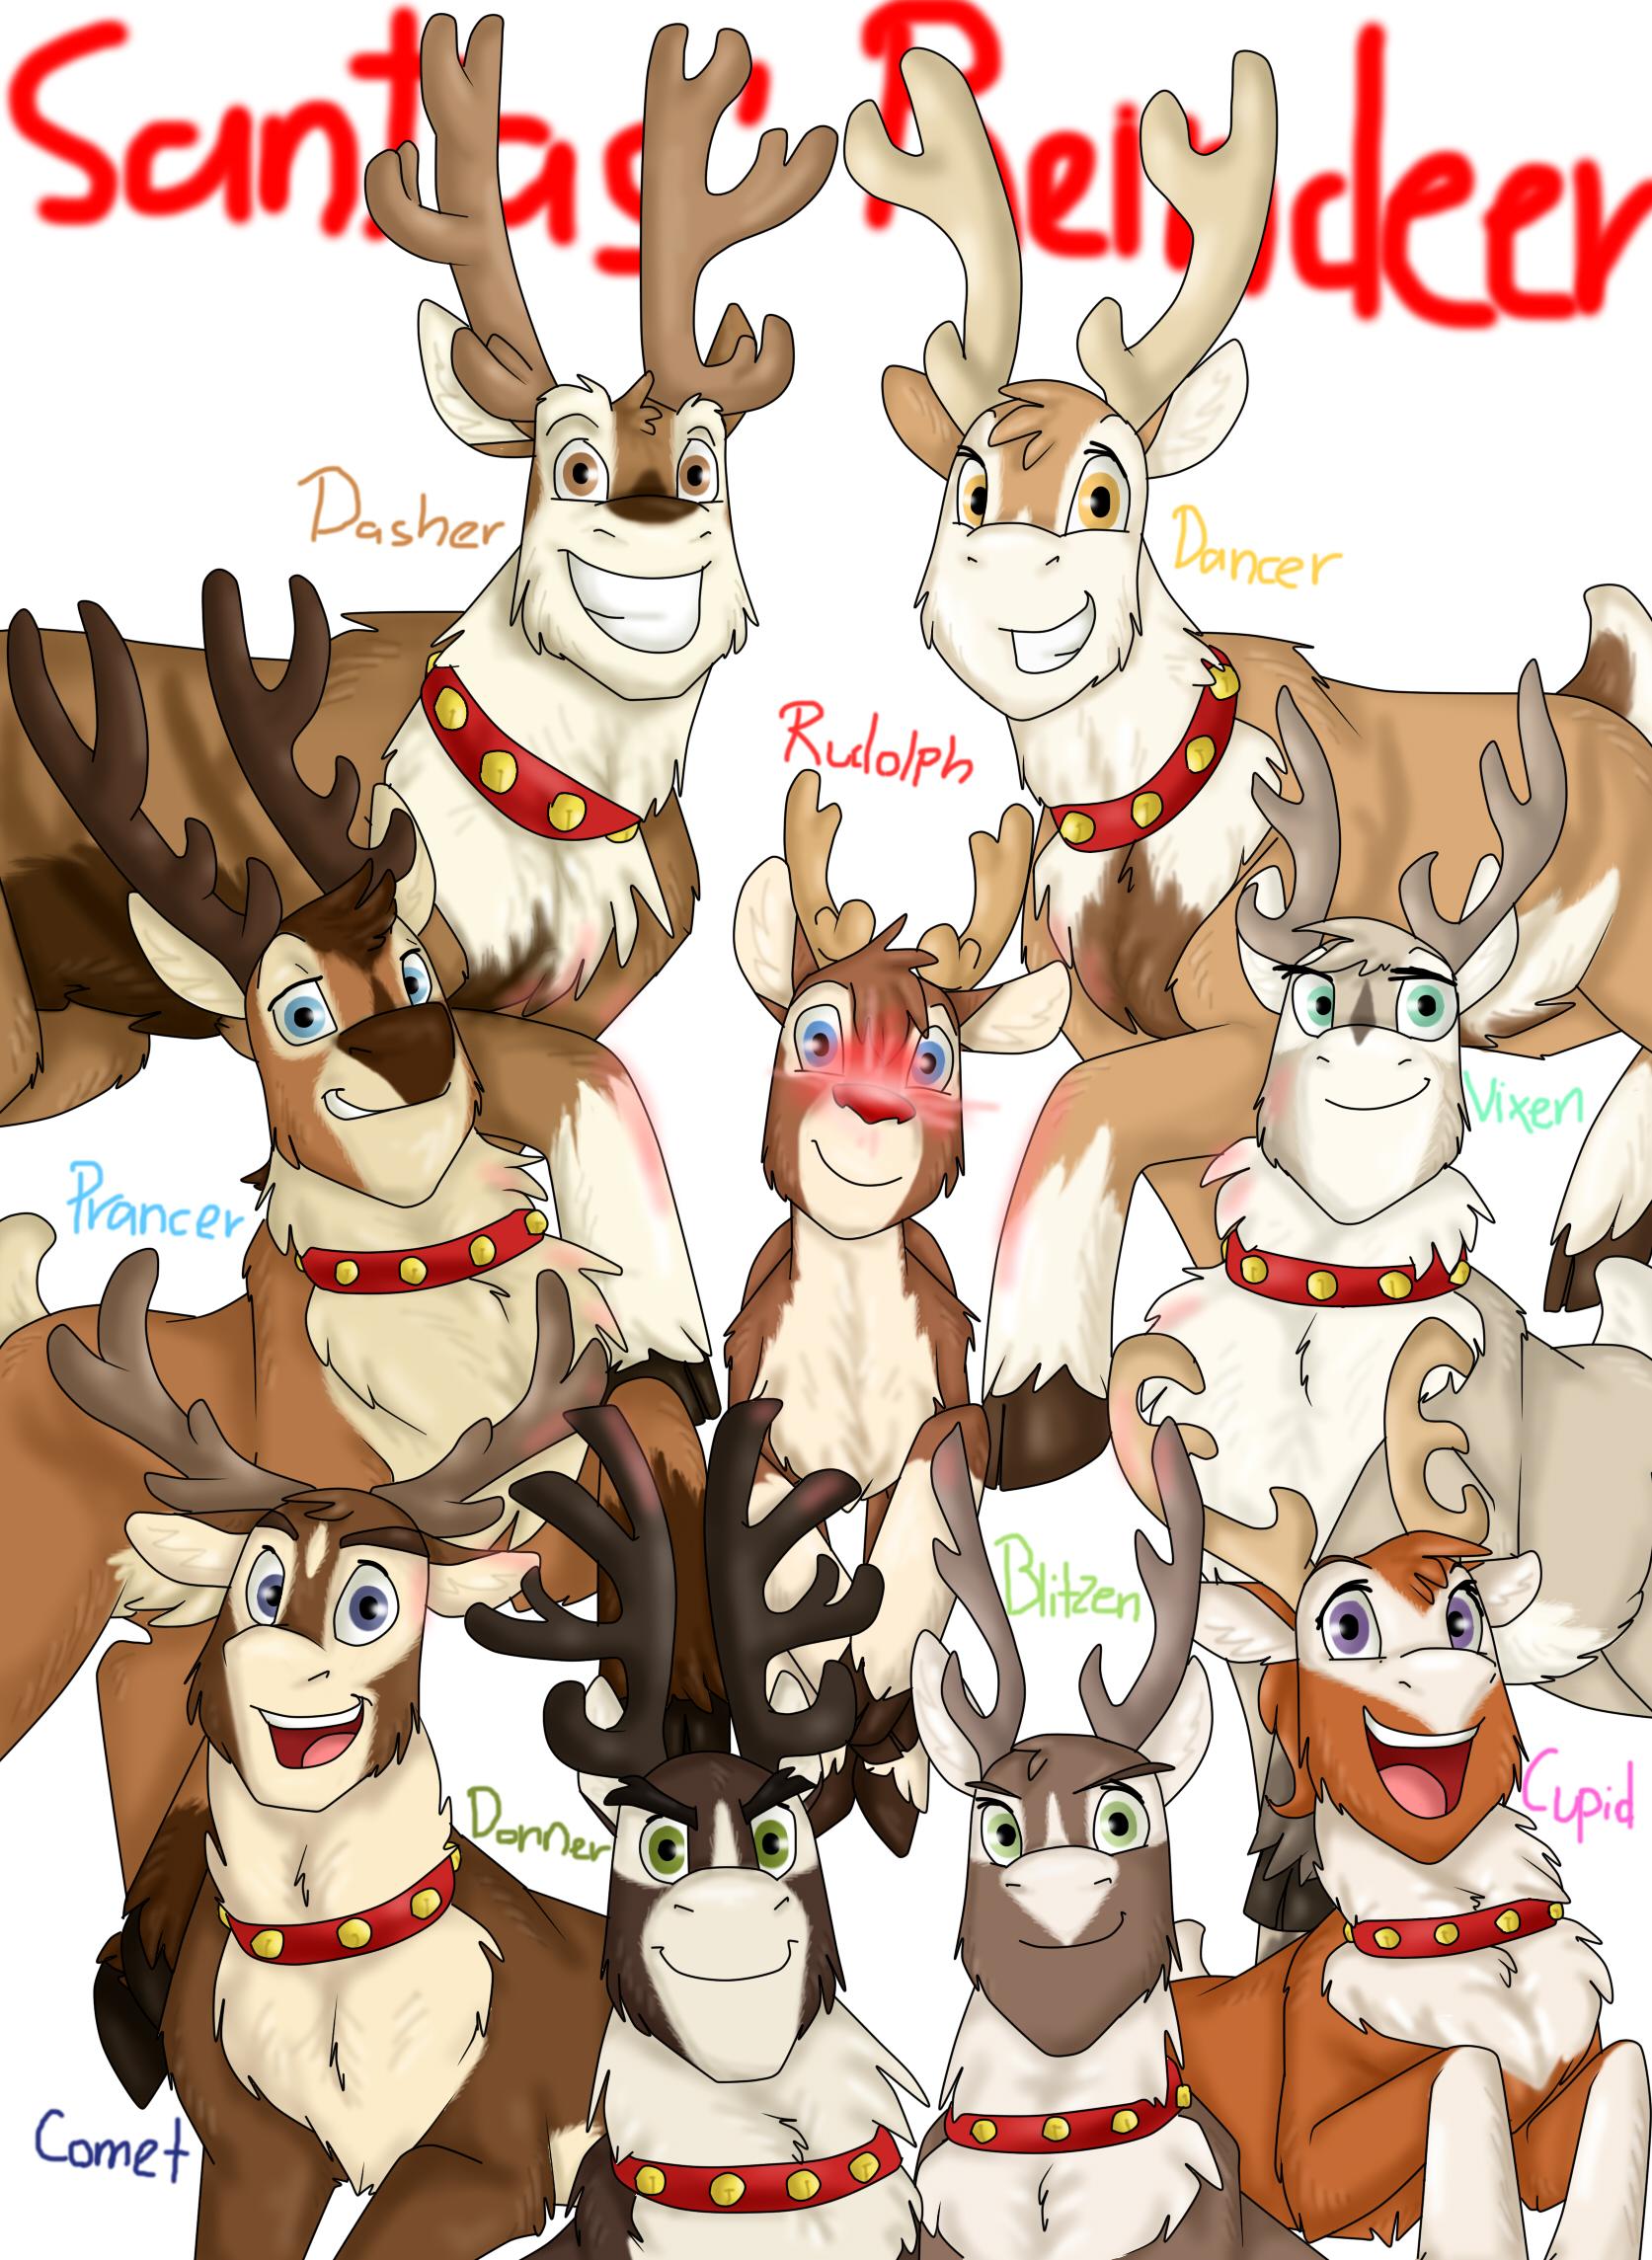 santas reindeer by namygaga - Santa And The Reindeer